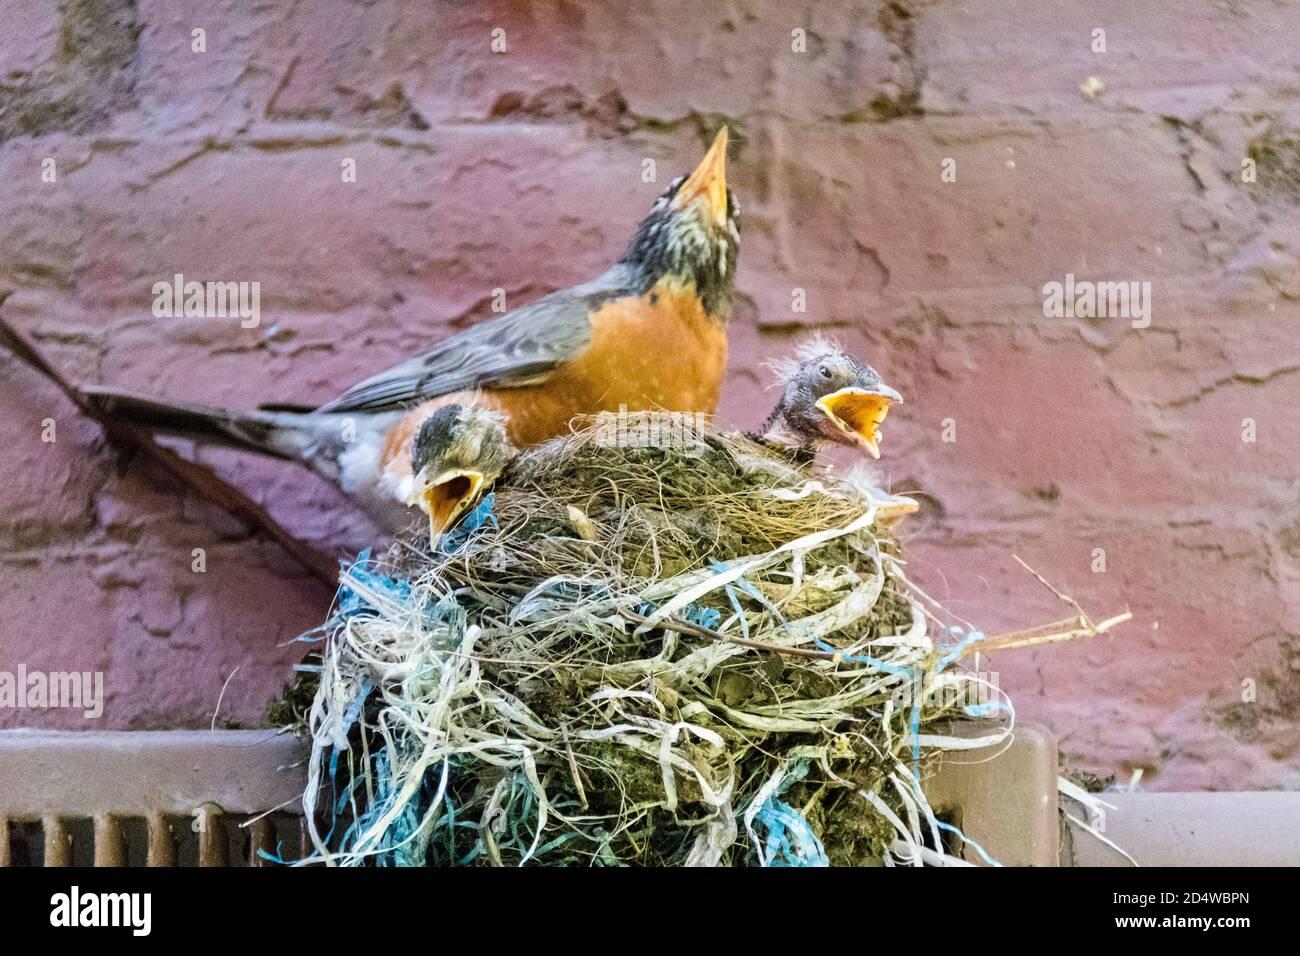 Petirrojo americano adulto, Turdus migratorius, con tres polluelos en nido, apareciendo a cantar con picos abiertos, Nueva York, EE.UU Foto de stock